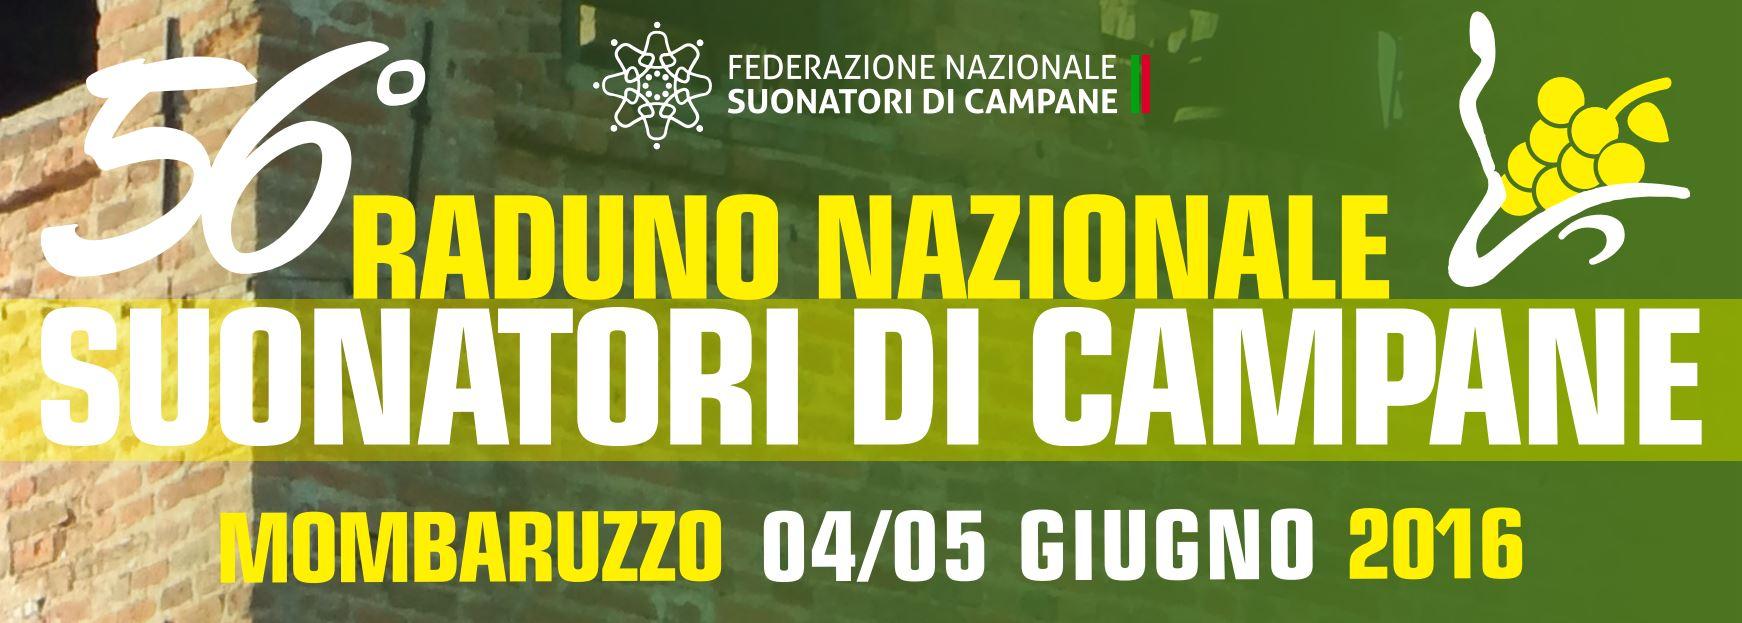 Week-end di festa a Mombaruzzo per il Raduno Nazionale  Suonatori di Campane.